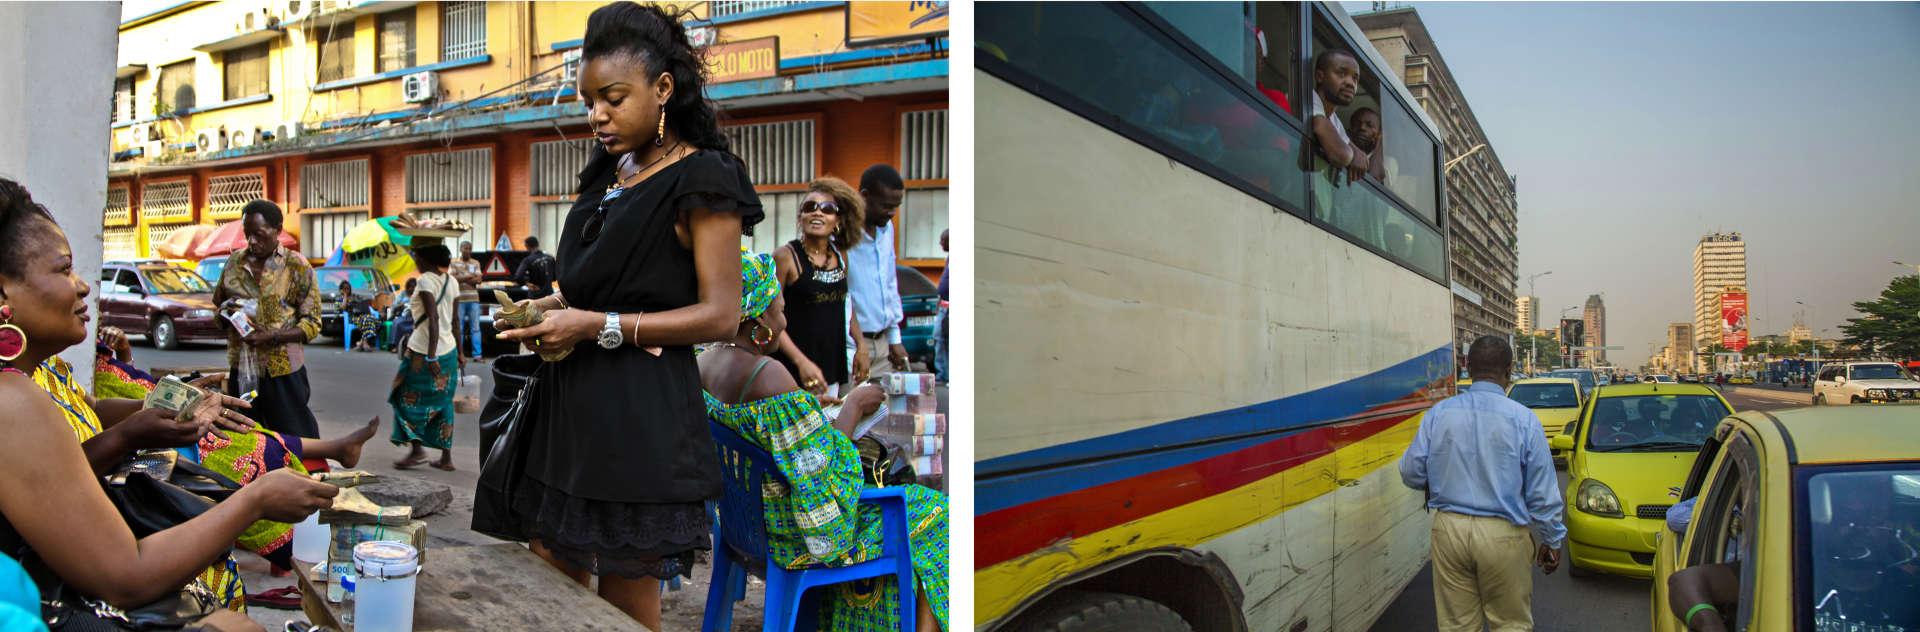 Le 10 juin. Dans les rues de La Gombe, vers la gare centrale. «Tout est possible à Kinshasa», répètent ses habitants. Surtout ceux de la Gombe, la «ville».Une jeune femme échange ses dollars pour des francs congolais (en bas, à gauche) et la circulation sur le grand boulevard (en bas, à droite).